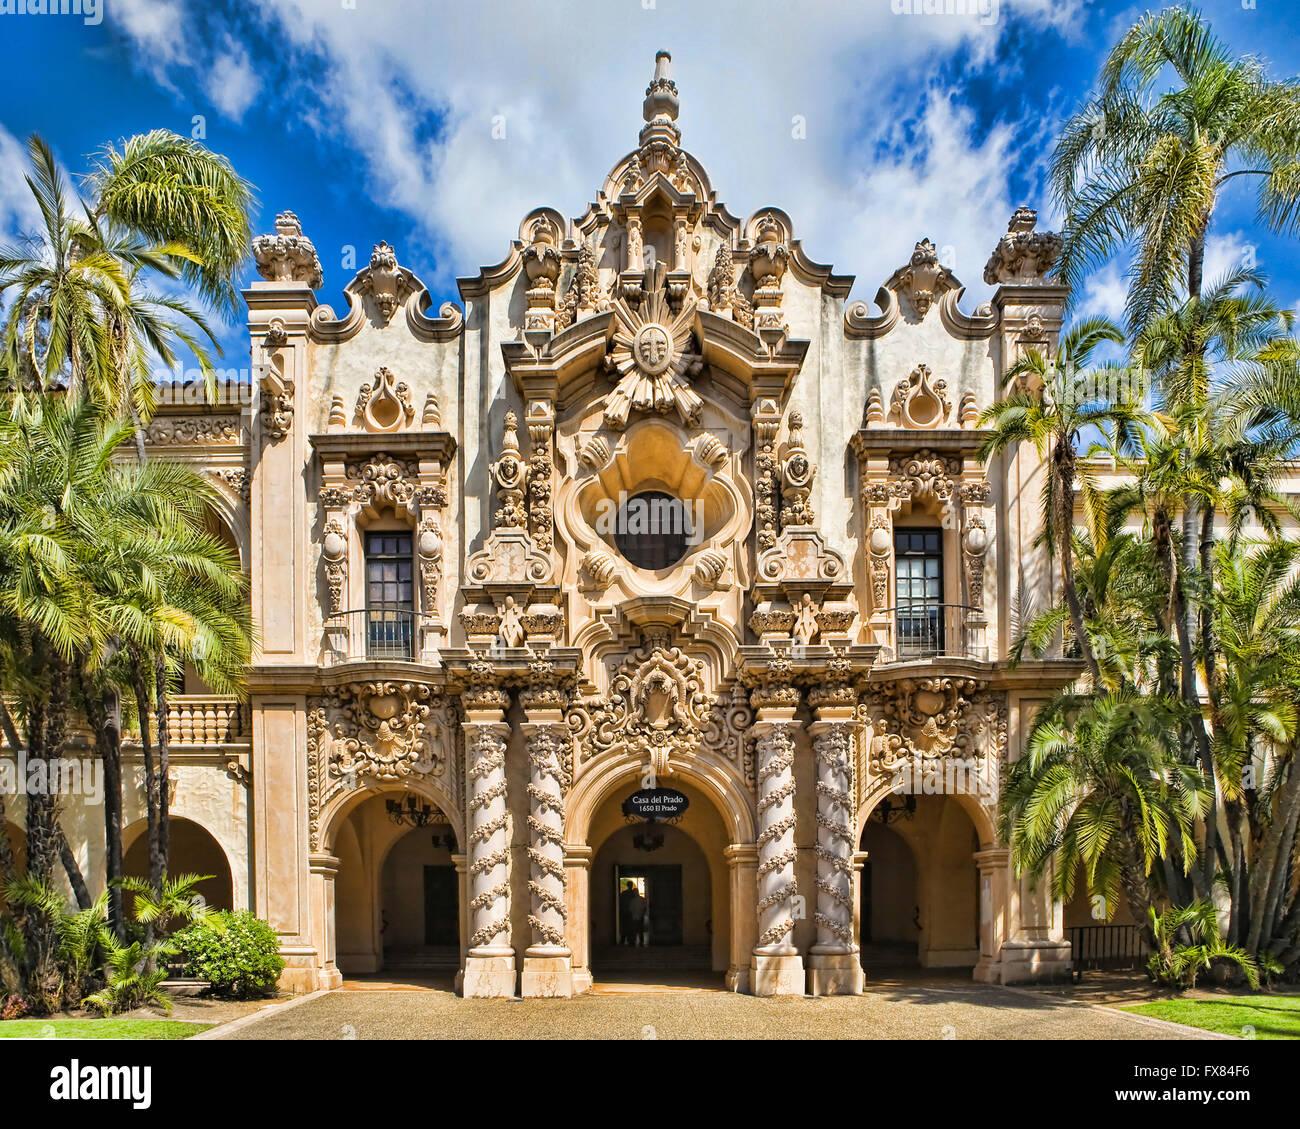 Spanish architecture Casa del Prado in Balboa Park San Diego CA